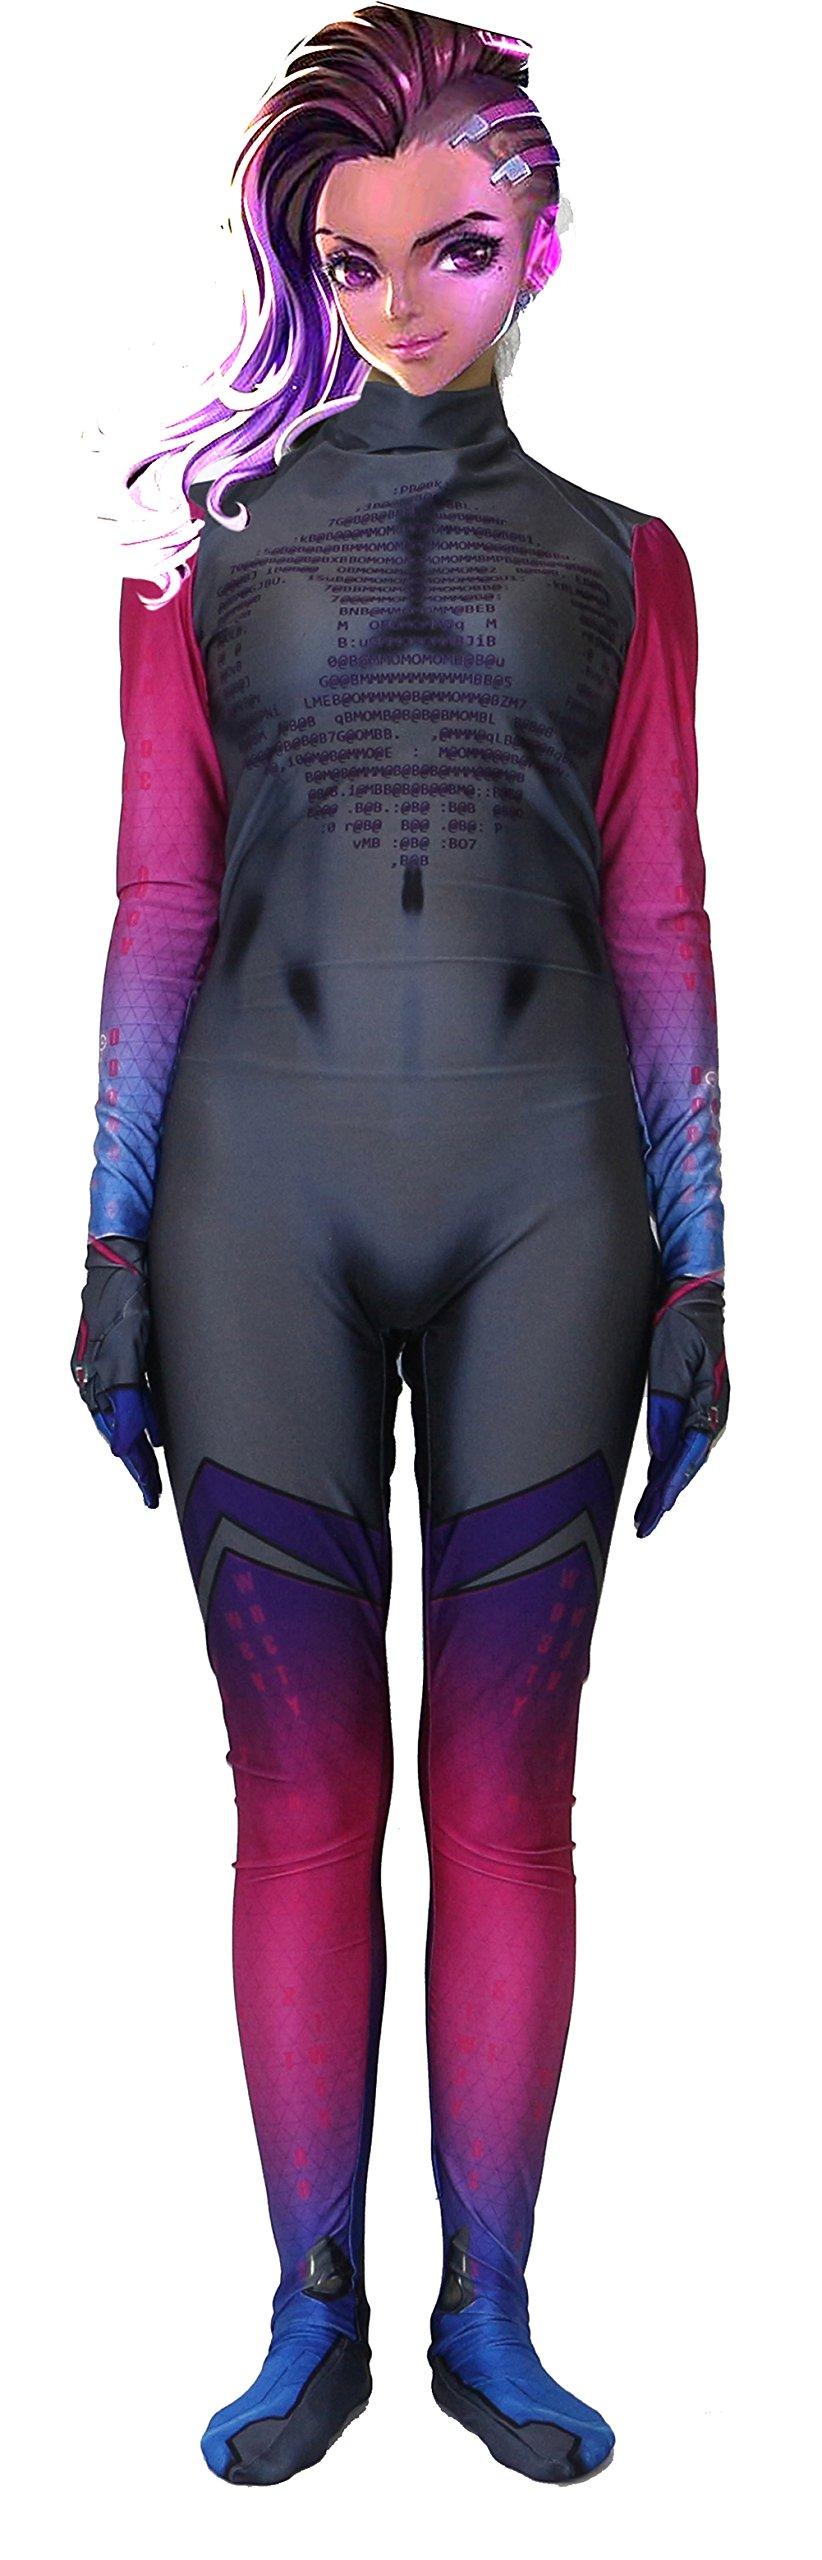 - 71y8EU8D55L - Riekinc Lycra Bodysuit Womens Suit Cosplay Costume Audlt/Kids